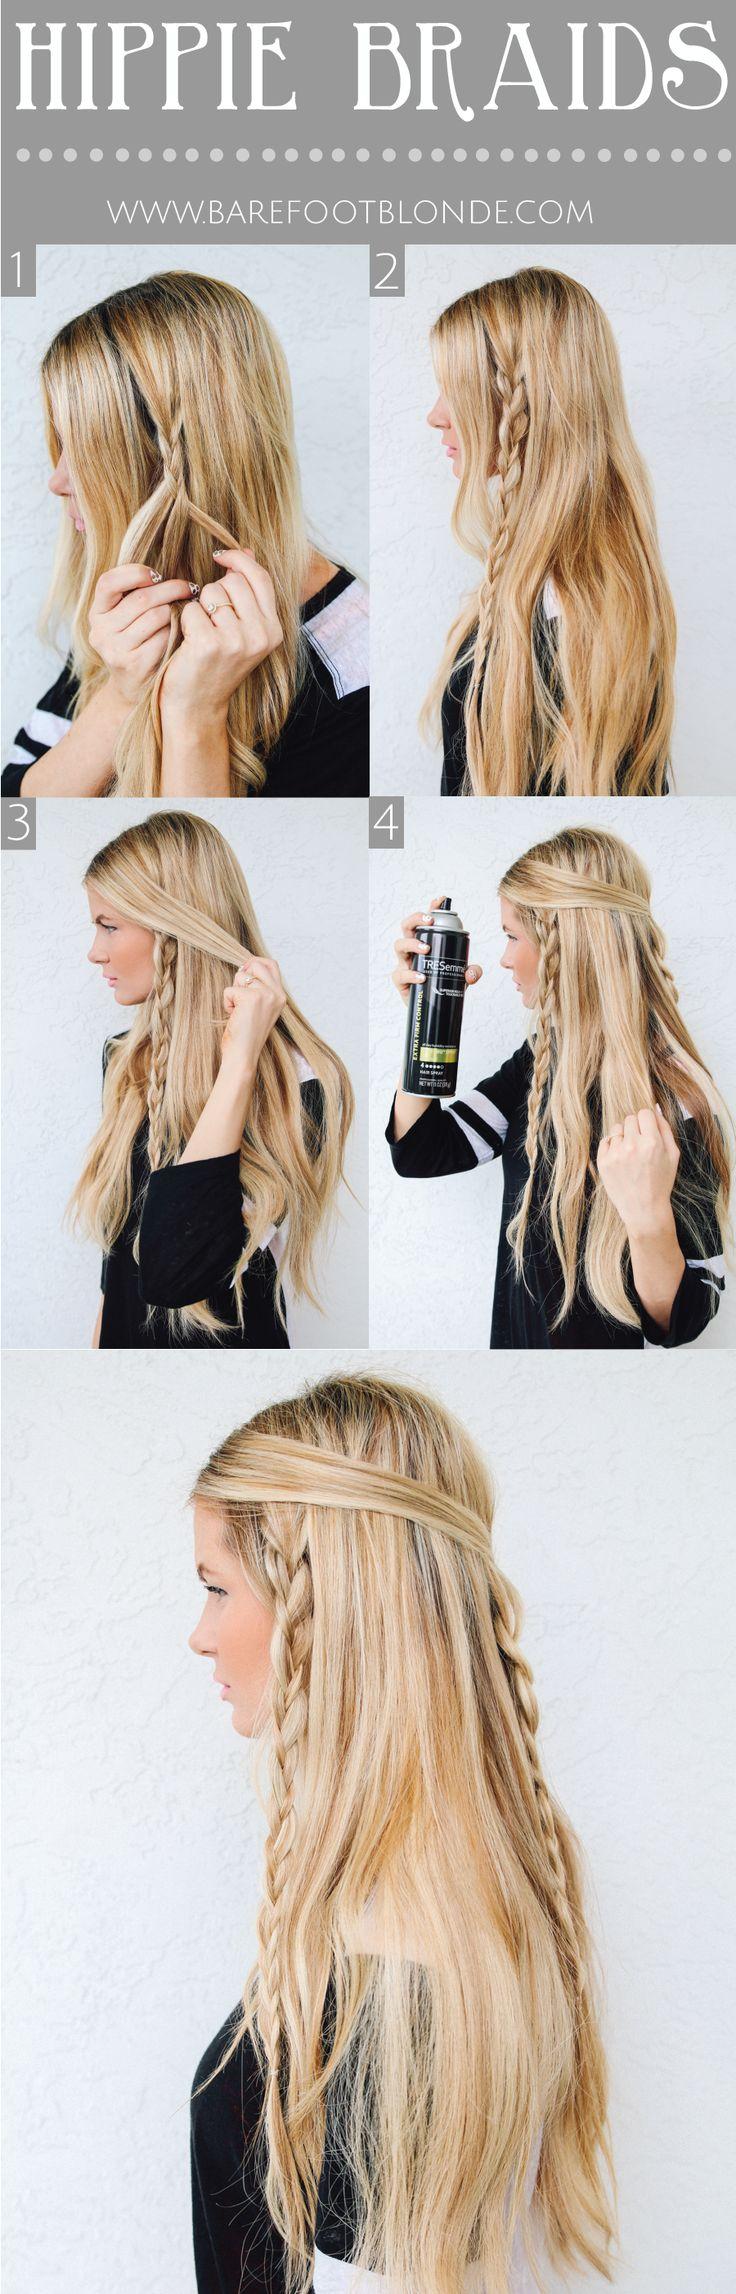 hippie-braids